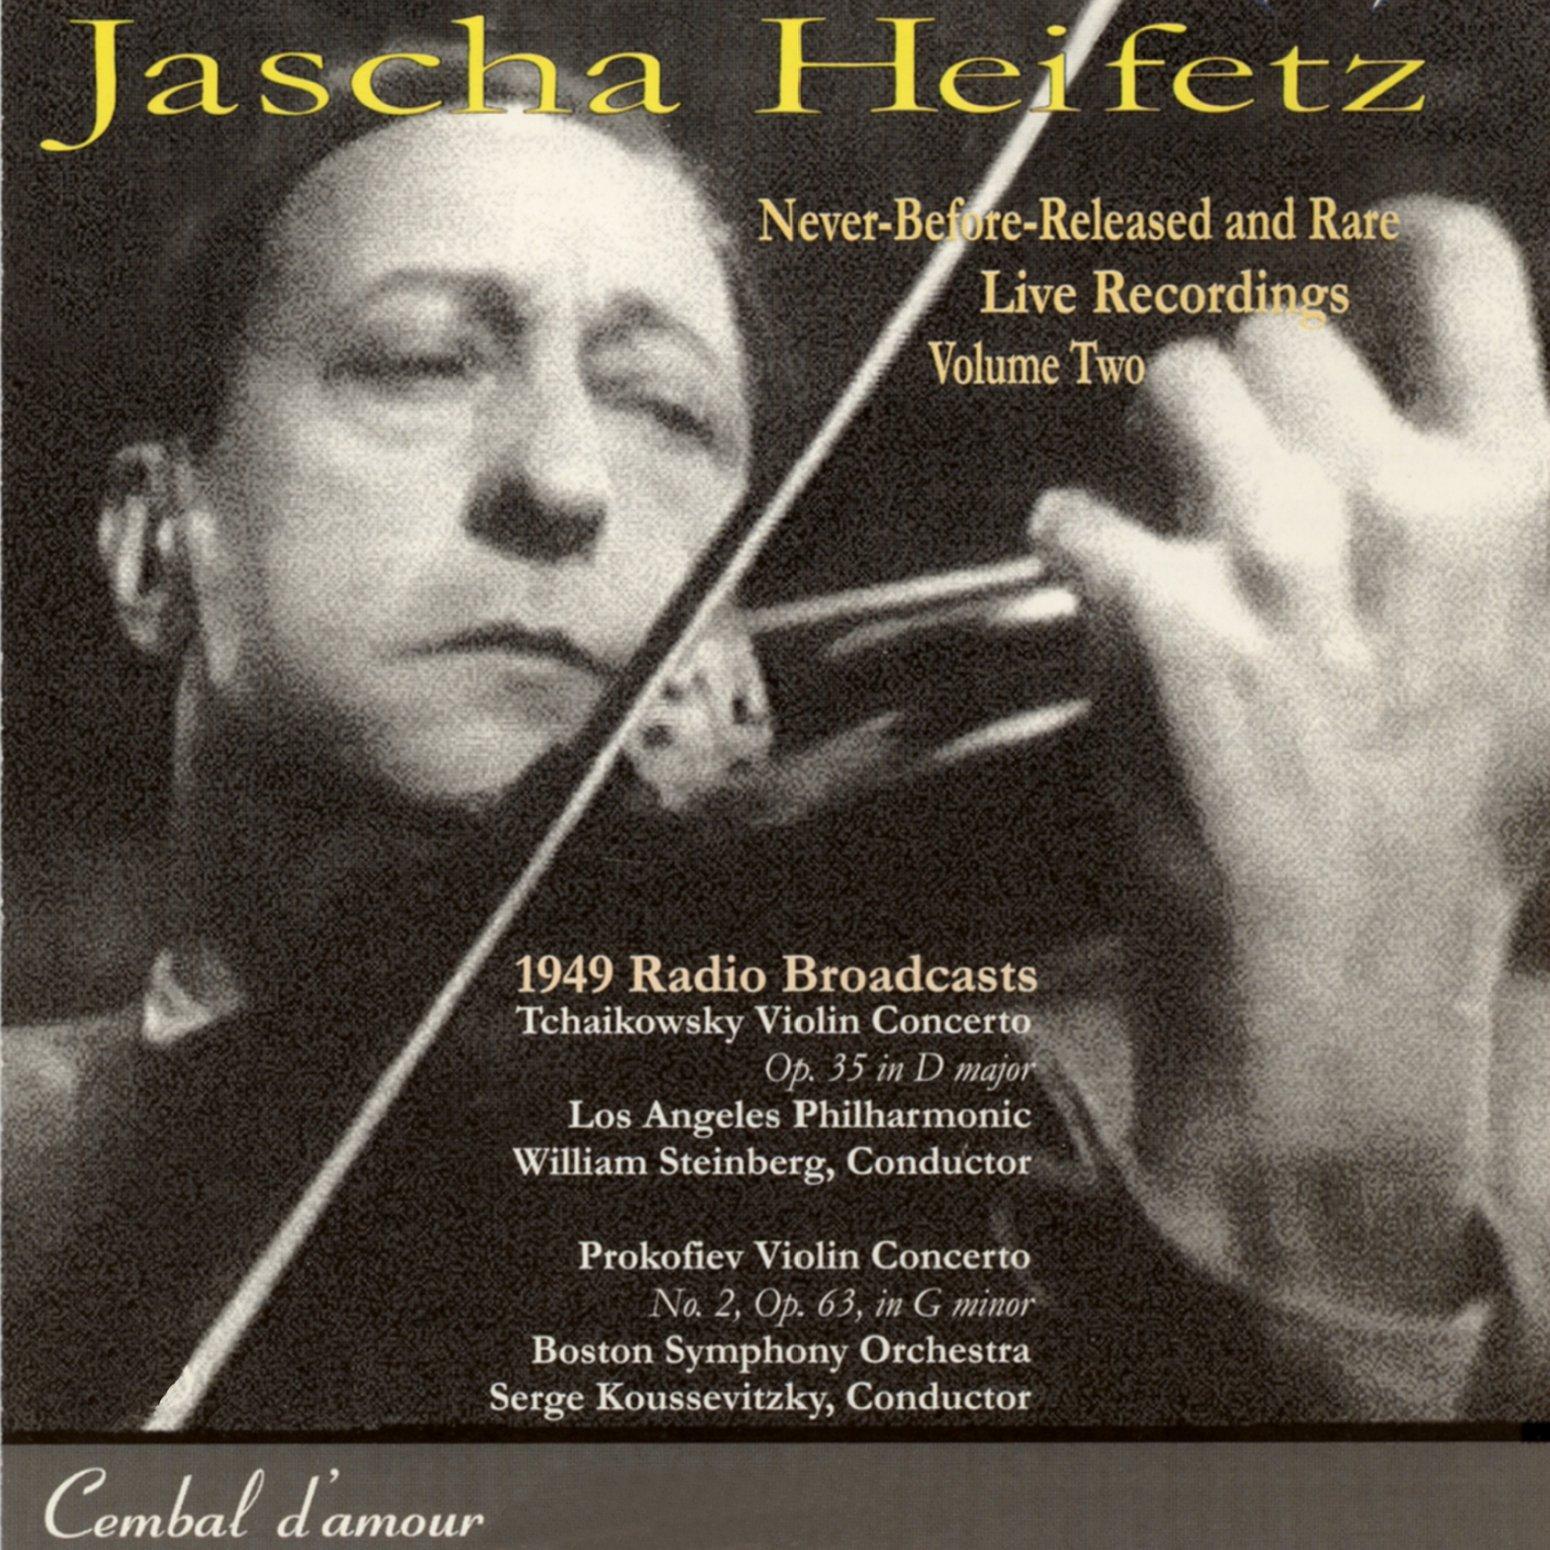 Jascha Heifetz Live, Vol. 2